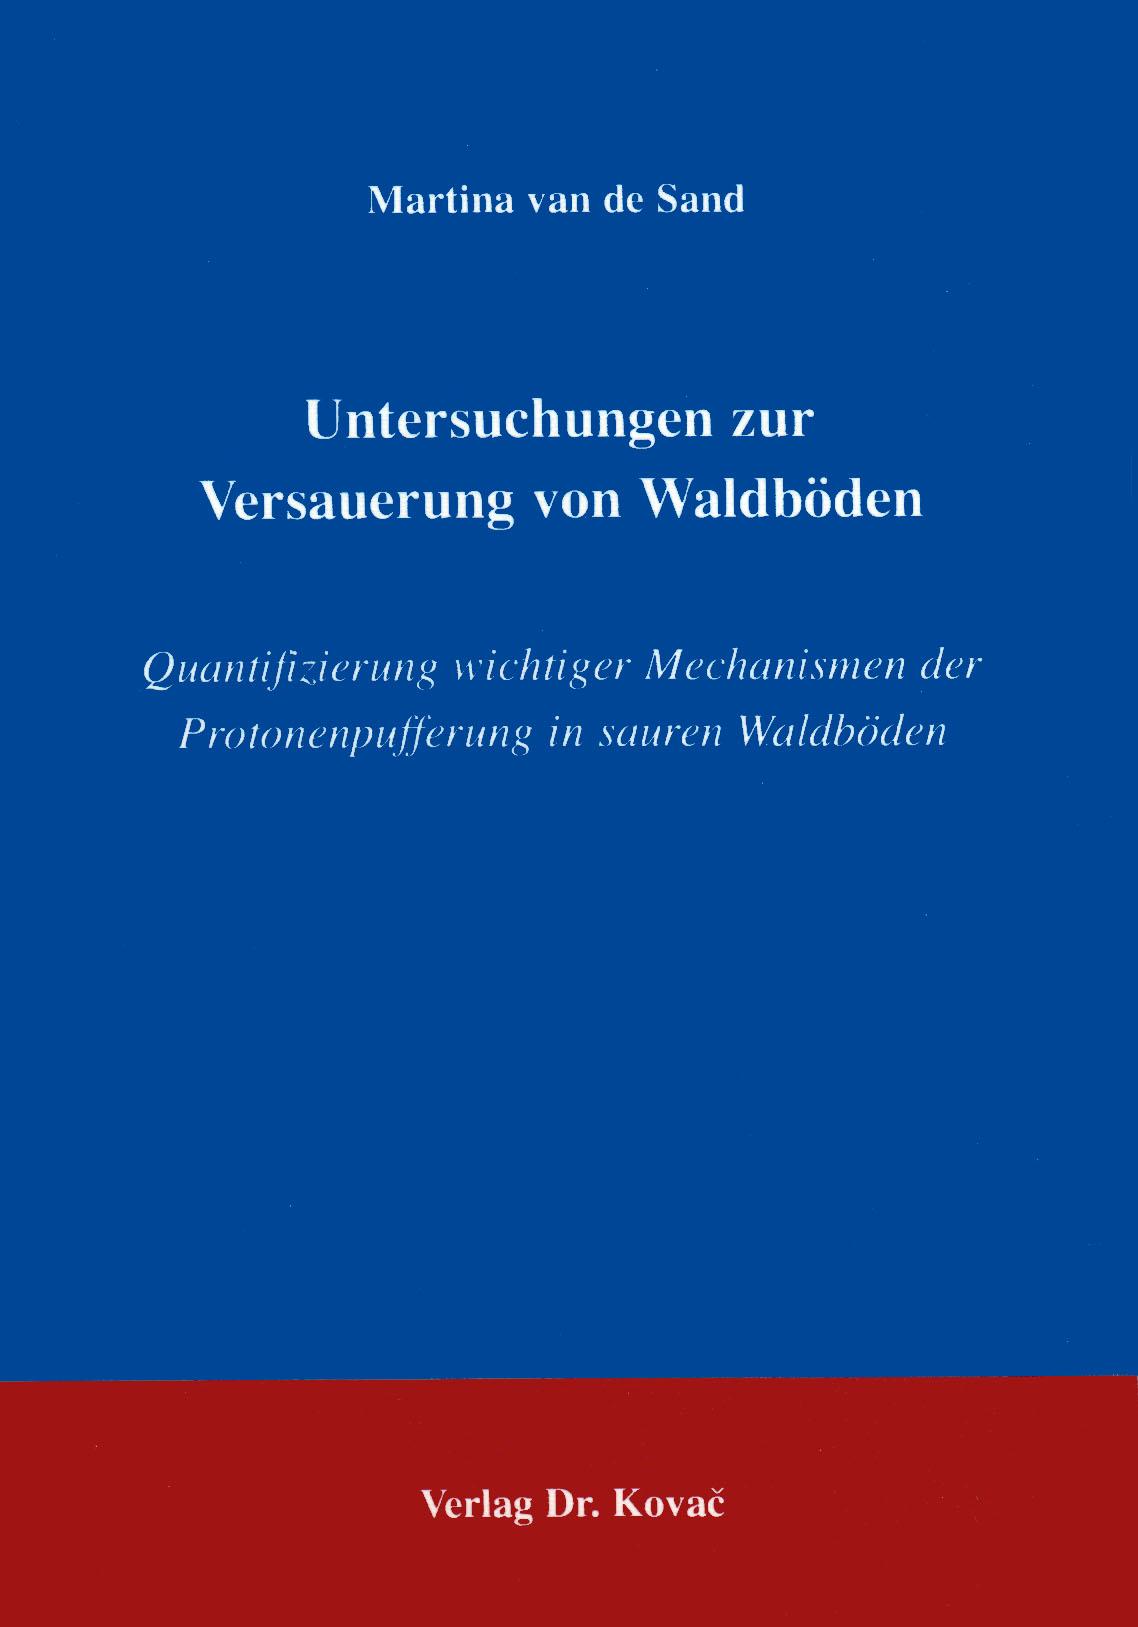 Cover: Untersuchungen zur Versauerung von Waldböden